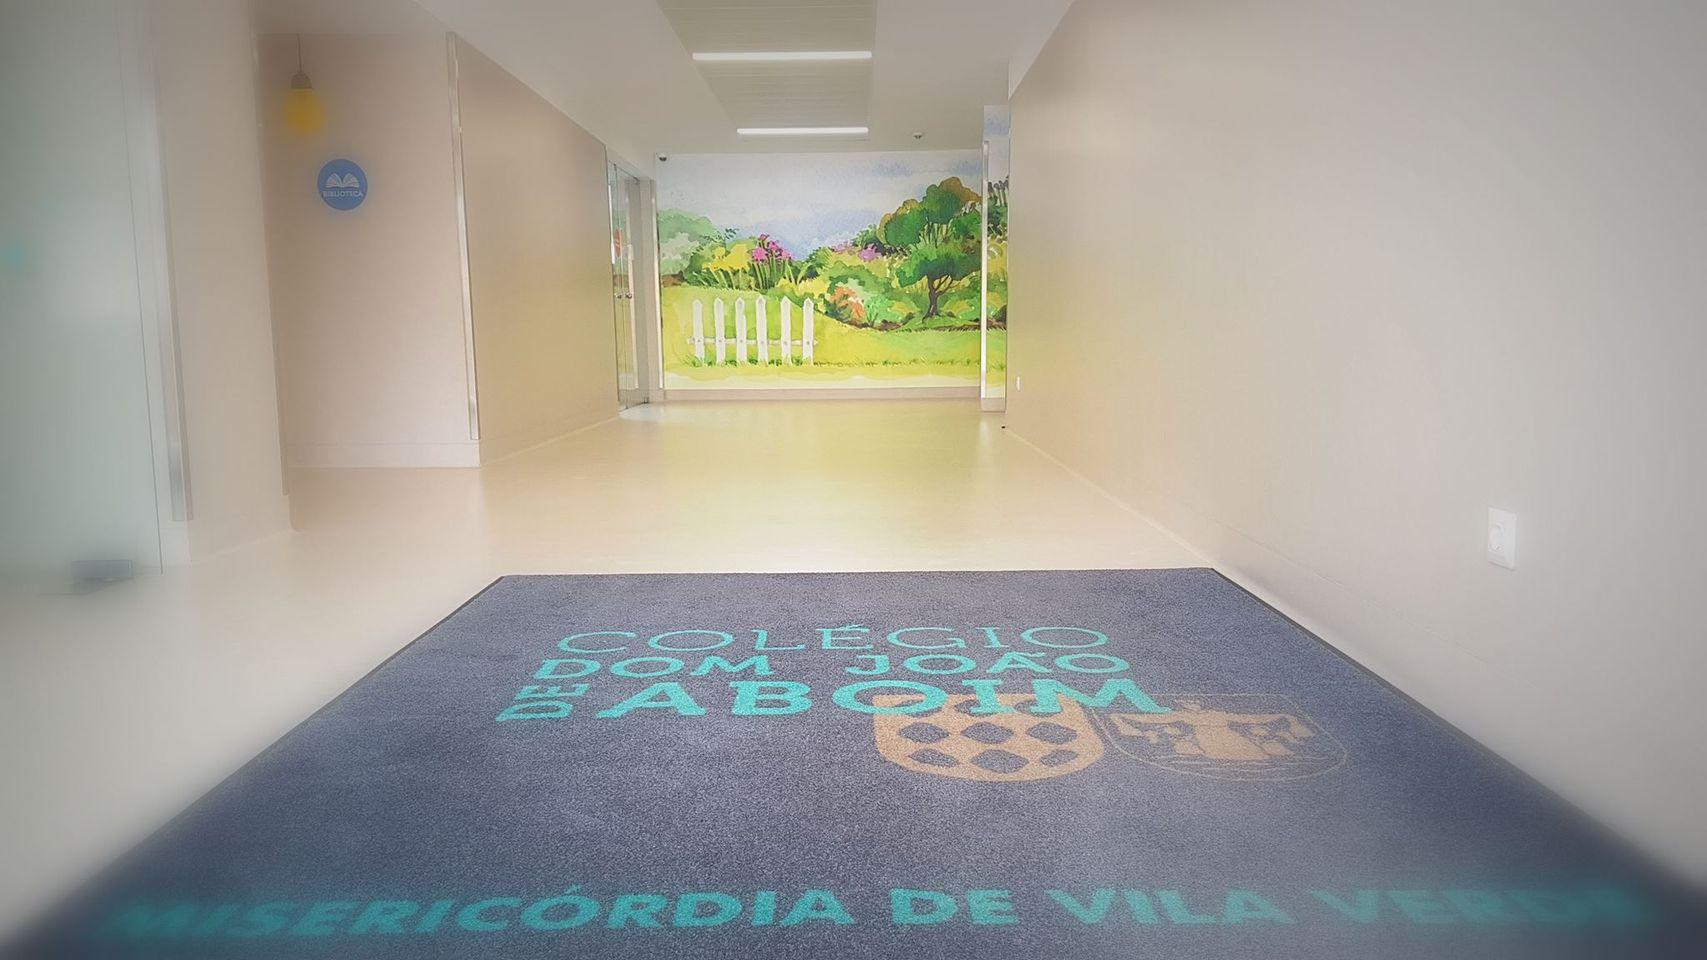 Fenprof actualiza lista das escolas com surtos de covid-19. A listagem deixa de fora turmas de Vila Verde